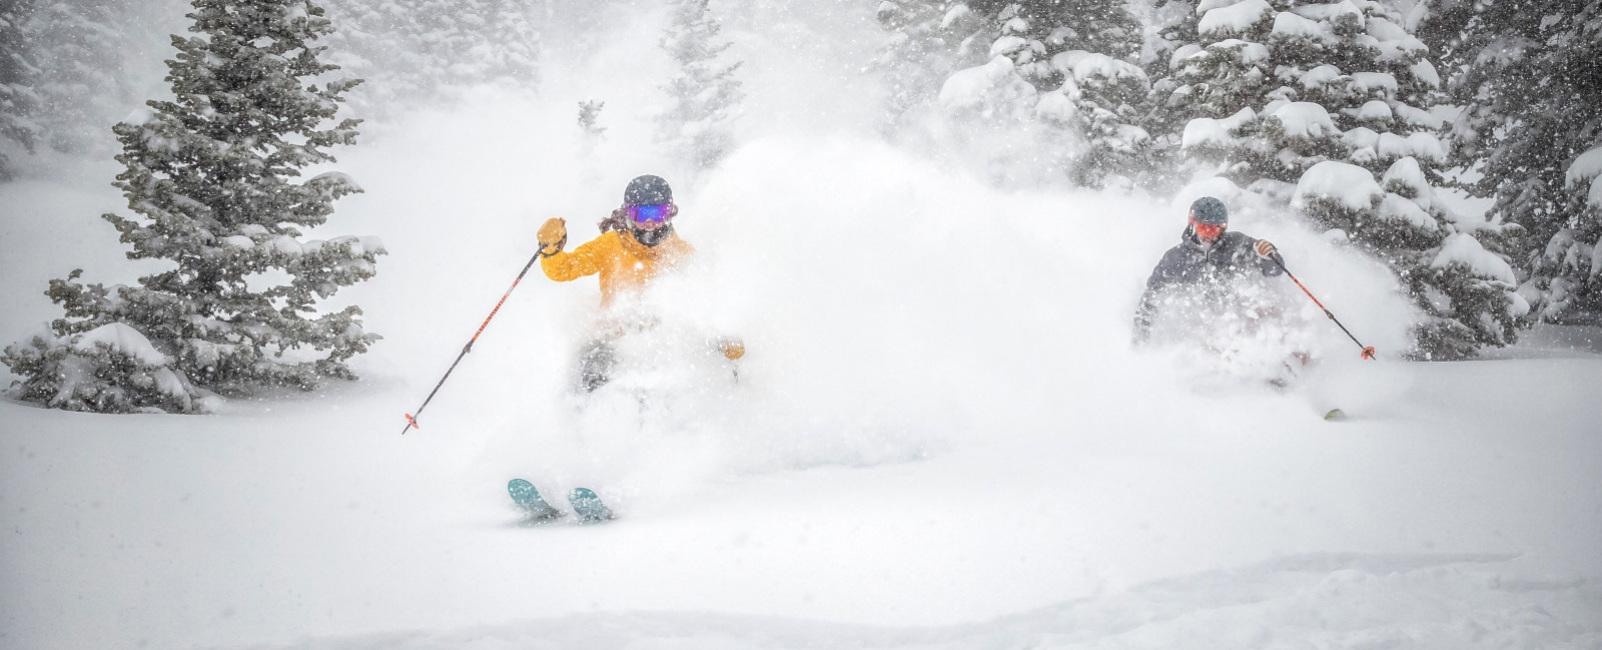 2018-19: One of Utah's Snowiest Seasons on Record